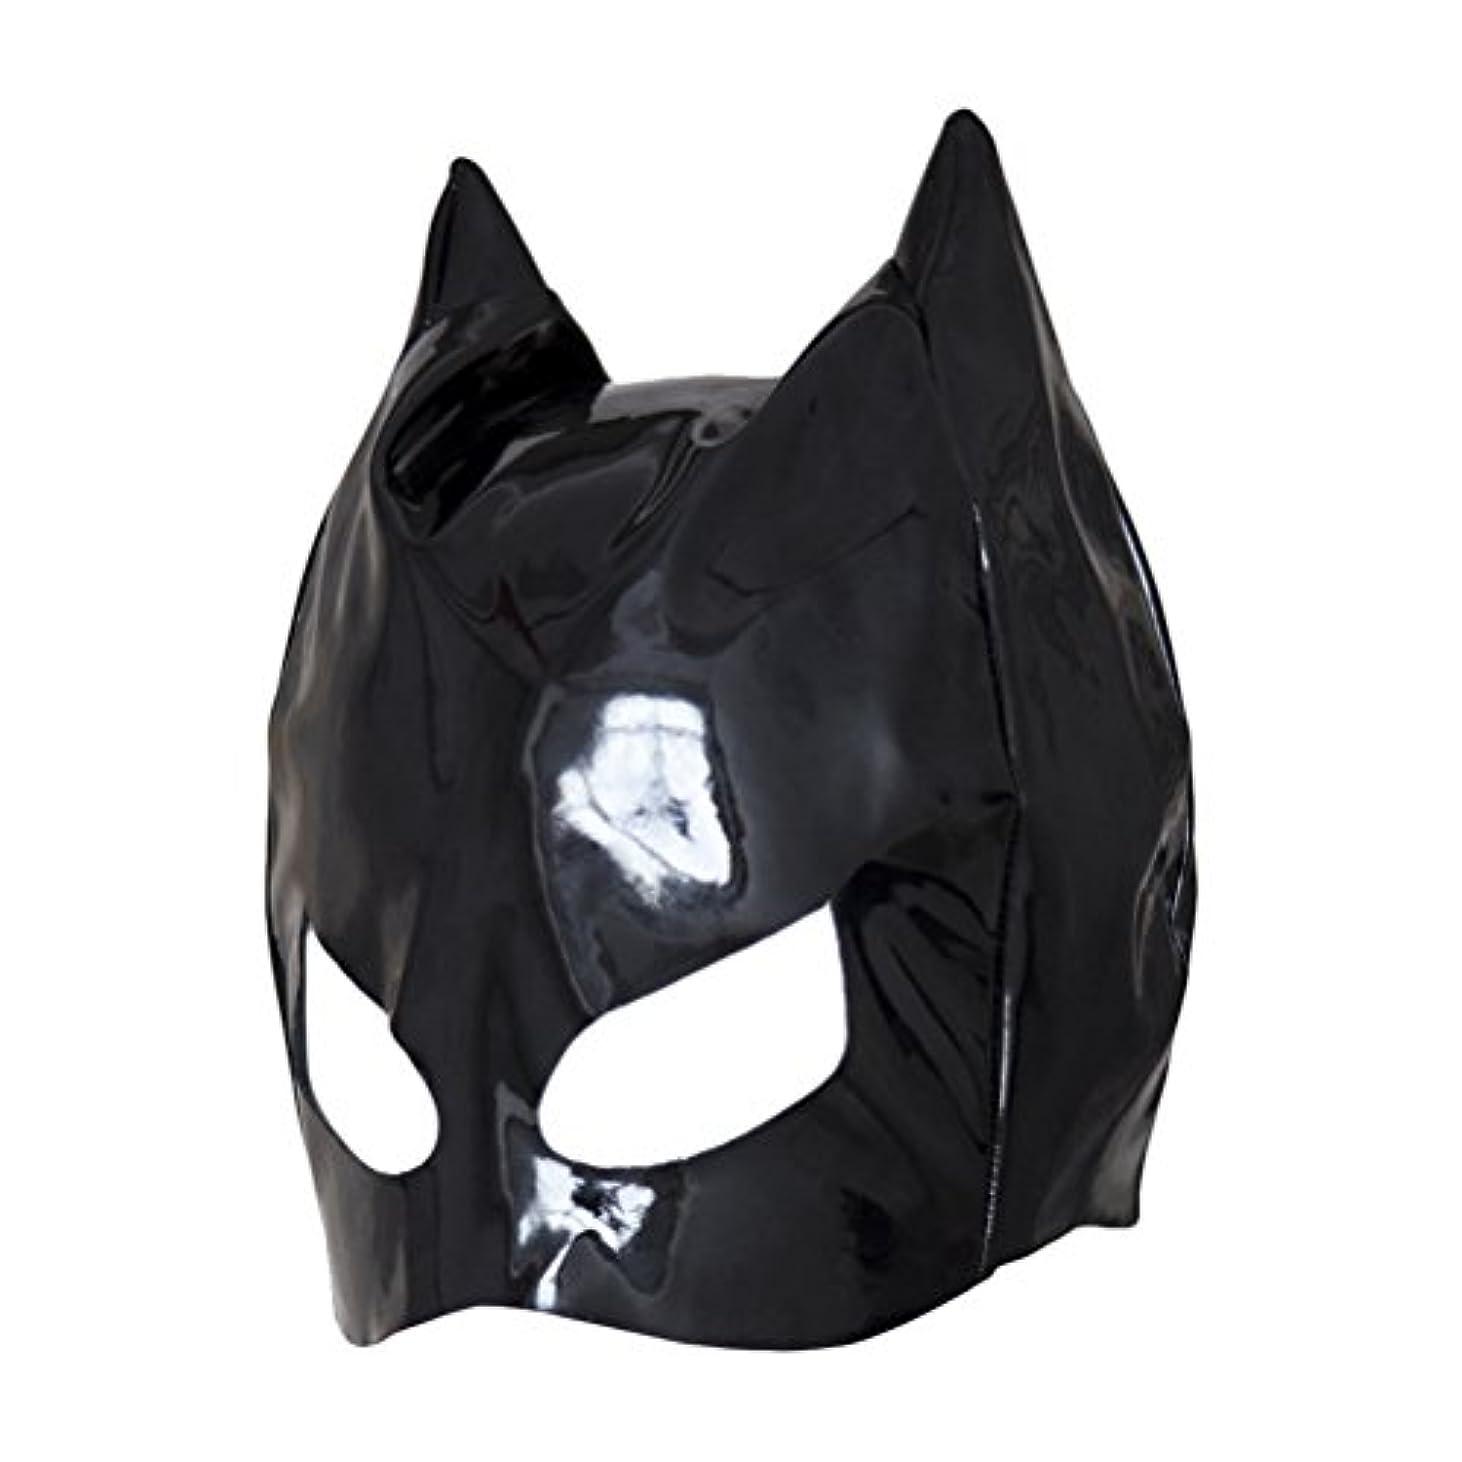 地球住所全体Healifty 全頭マスク フェイスカバー オープンアイズ PUレザーフード コスプレ 衣装帽子 ユニセックス (ブラック)